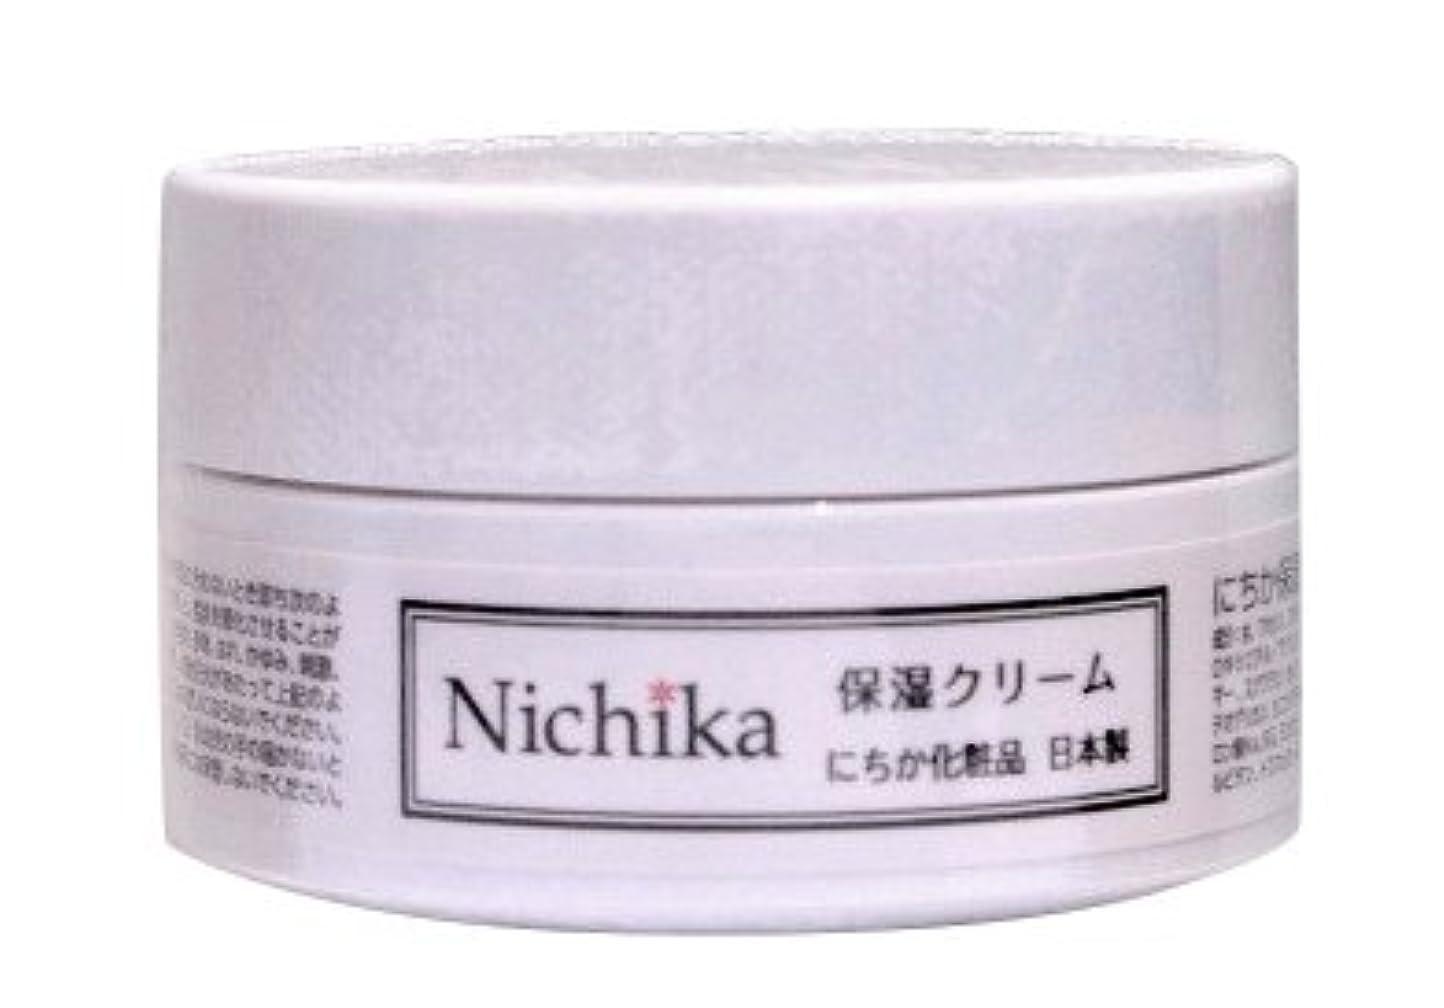 パーツスカープ飲料にちか保湿クリーム  内容量30g 日本製  『ワンランク上の潤いハリ肌』を『リーズナブル』に。  ヒアルロン酸の1.3倍の保水力があるプロテオグリカン配合。 しっとりなじみ,成分がじんわり角質層に浸透 お肌に「ふた」をして...